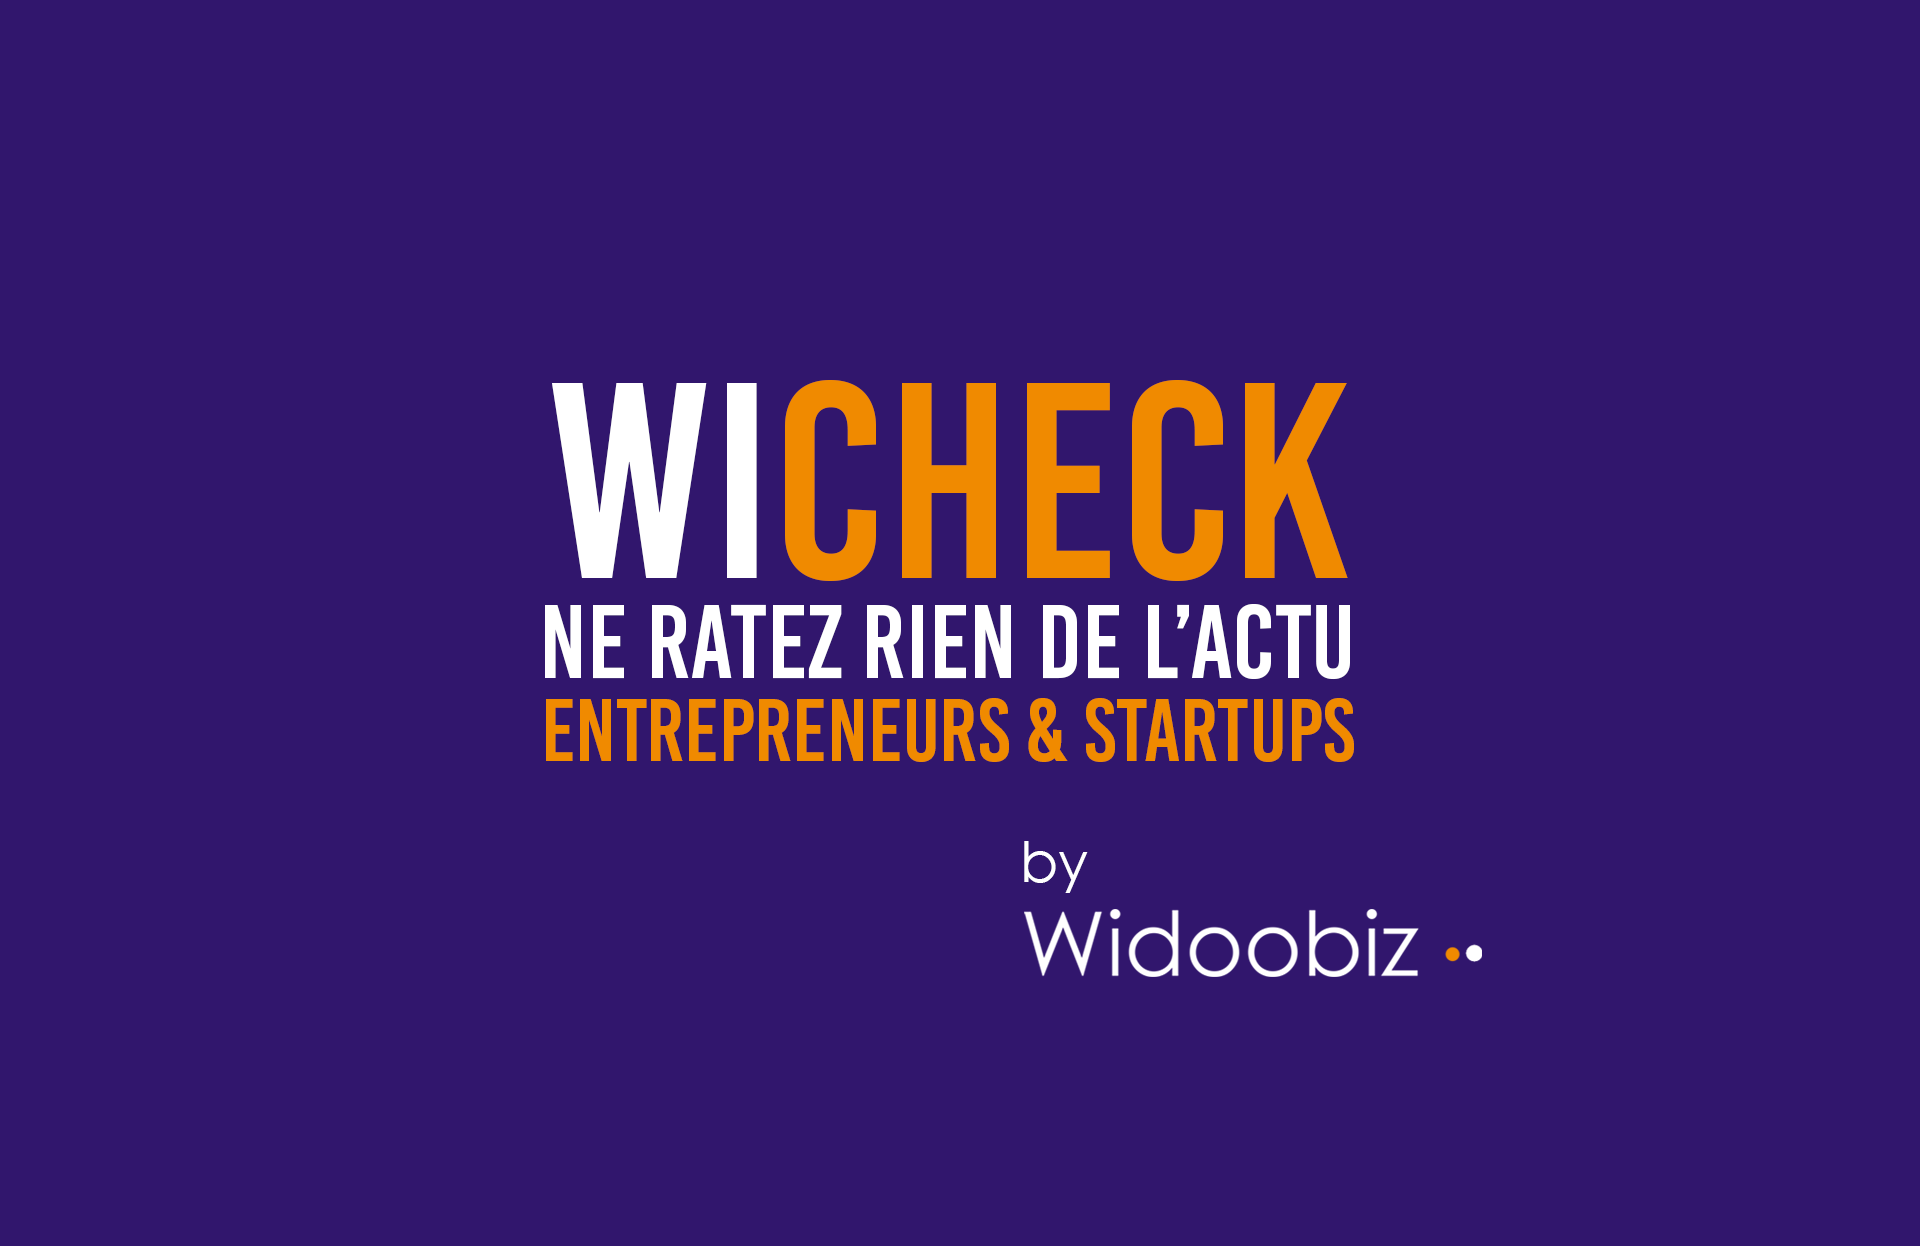 Wicheck, nouveau rendez-vous quotidien de Widoobiz scrolle pour vous les actualités de la sphère entrepreneuriale. Ouverture imminente de la première édition du Salon de la Réalité Virtuelle, rachat entre startups pour concurrencer Netflix et coup d'